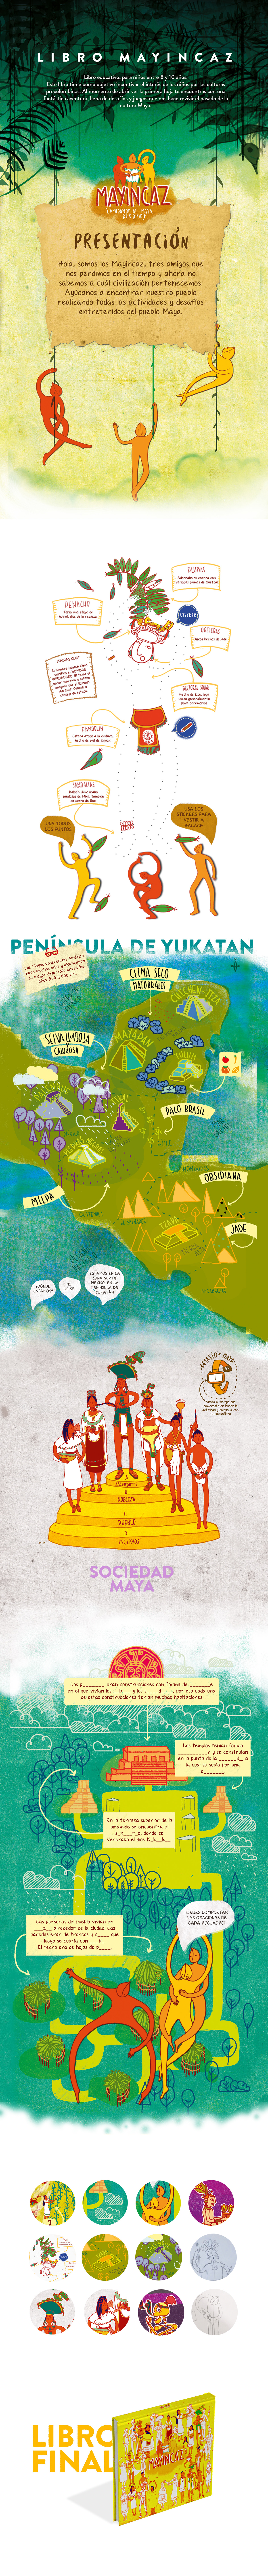 cuento libro niños editorial cultura educación pueblos originarios pueblos precolombinos school dibujo ilustracion book